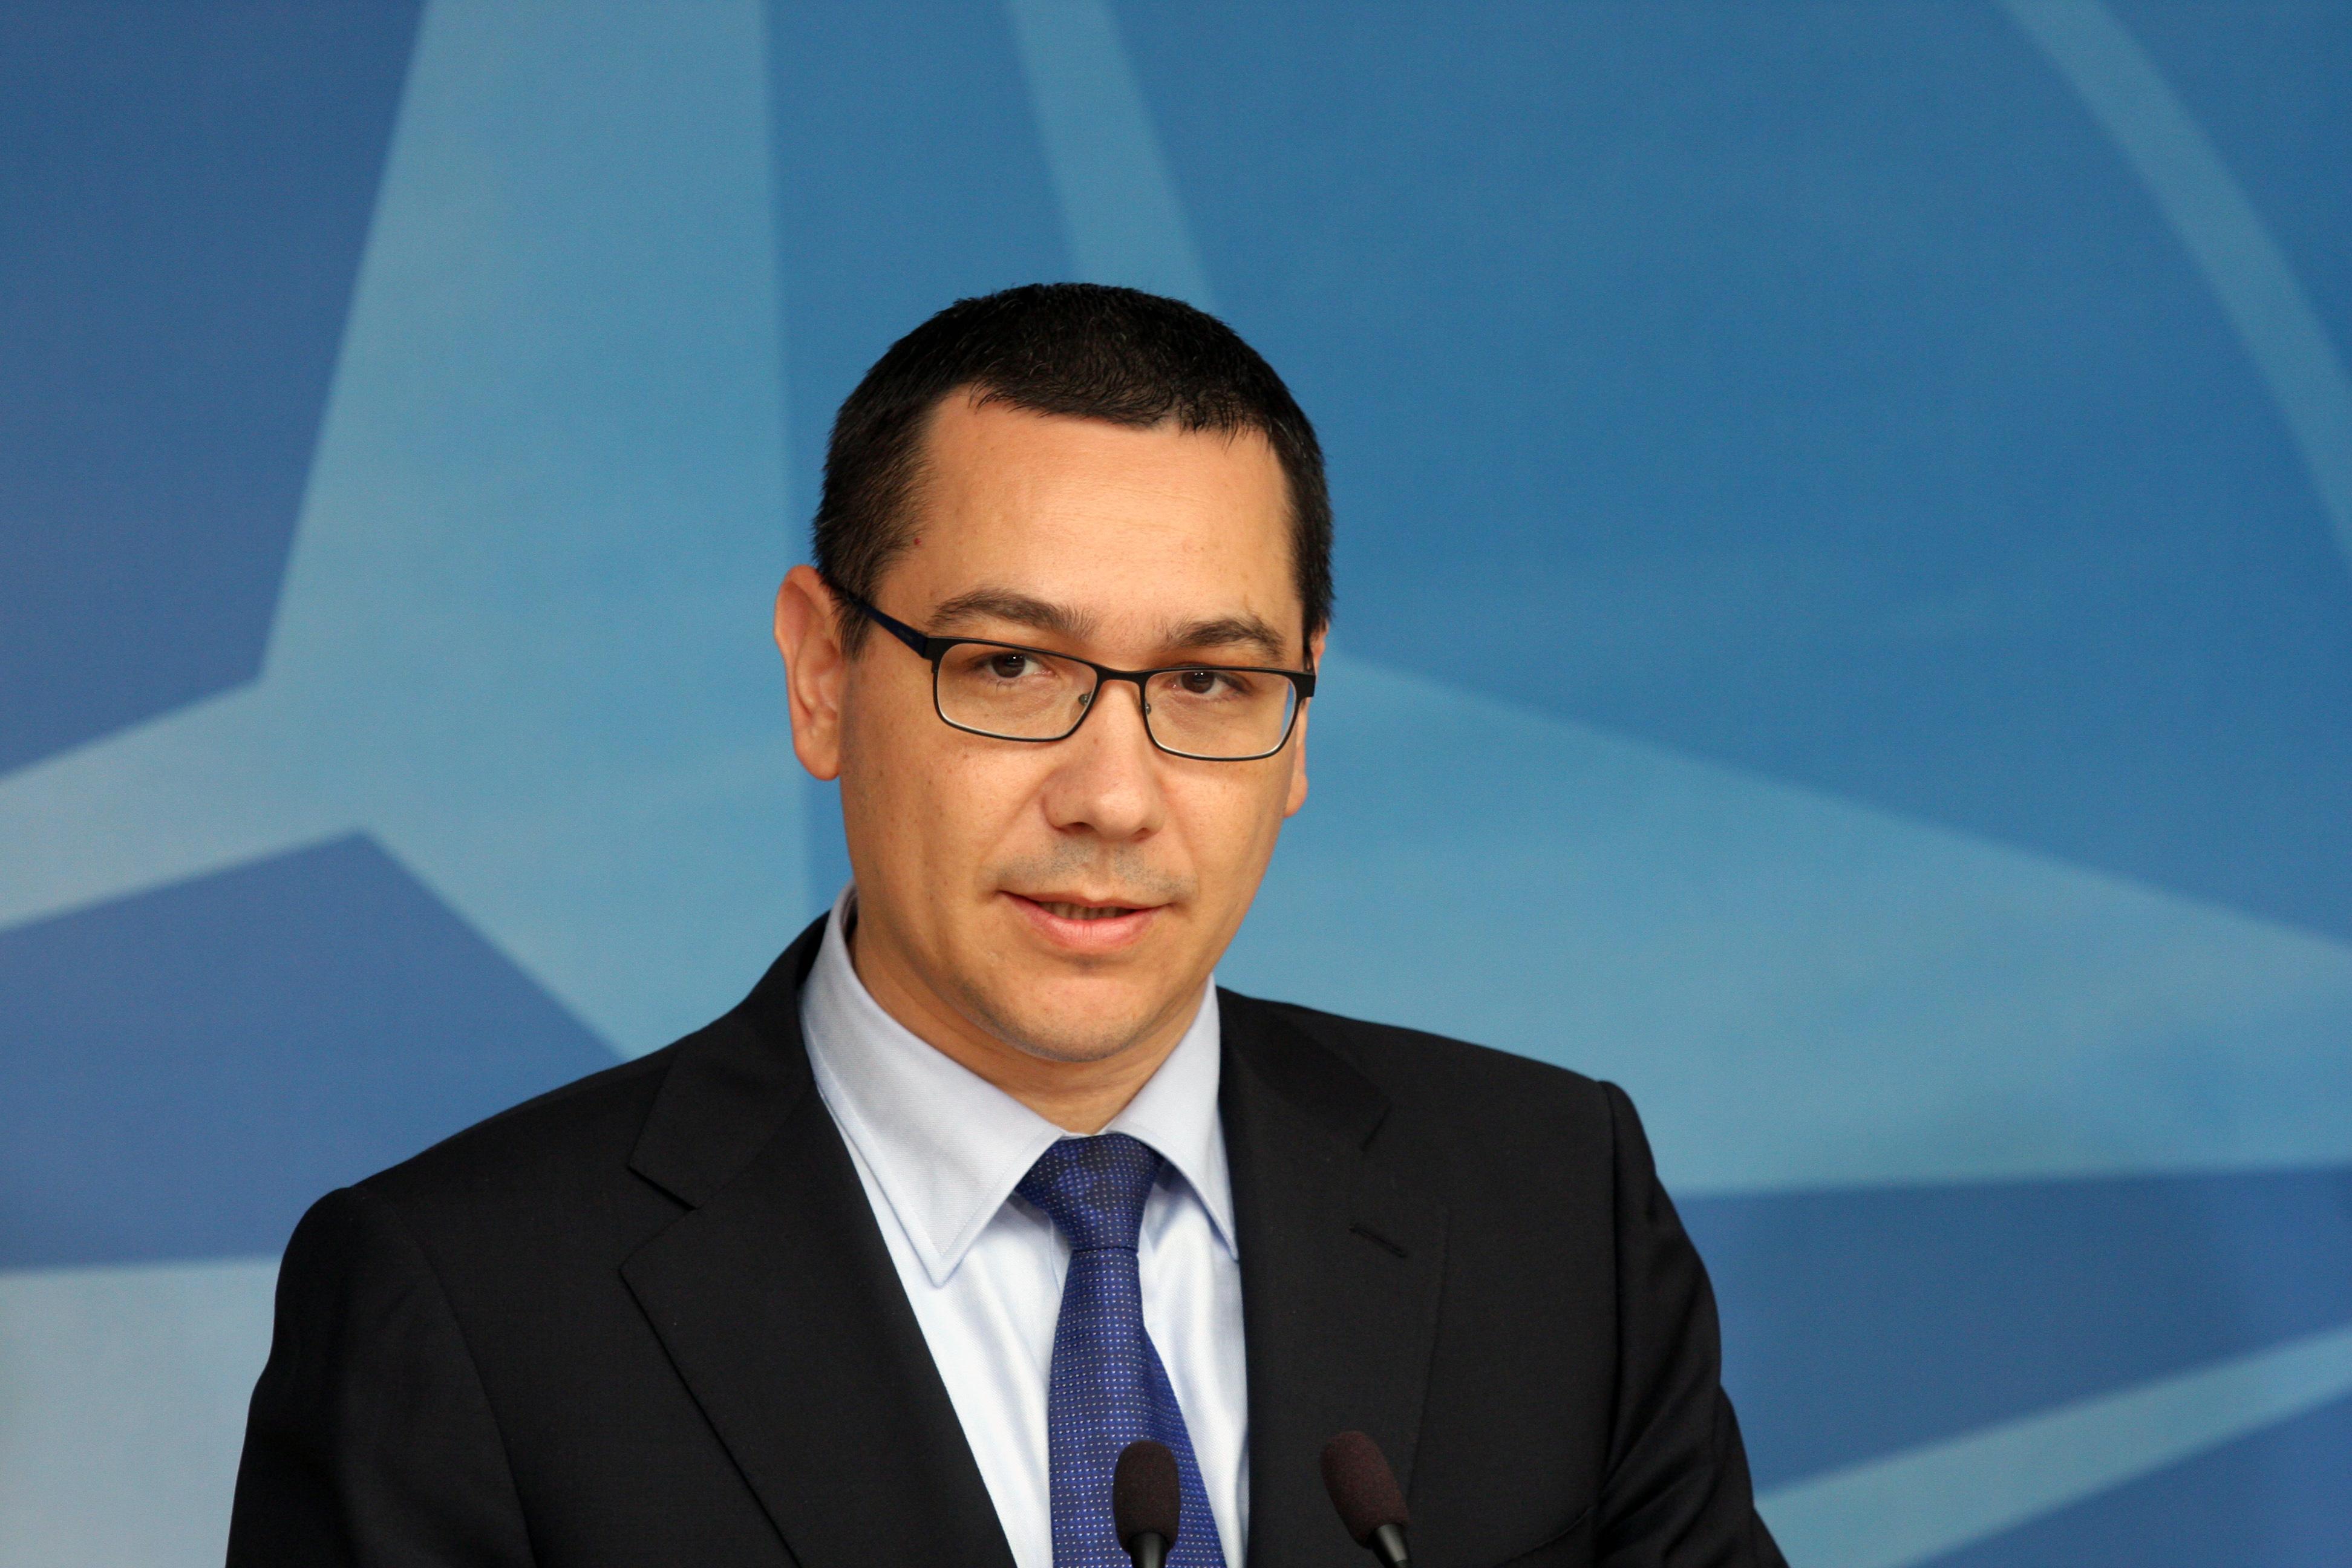 Universitatea București admite cererea lui Victor Ponta de a renunța la titlul de doctor în drept